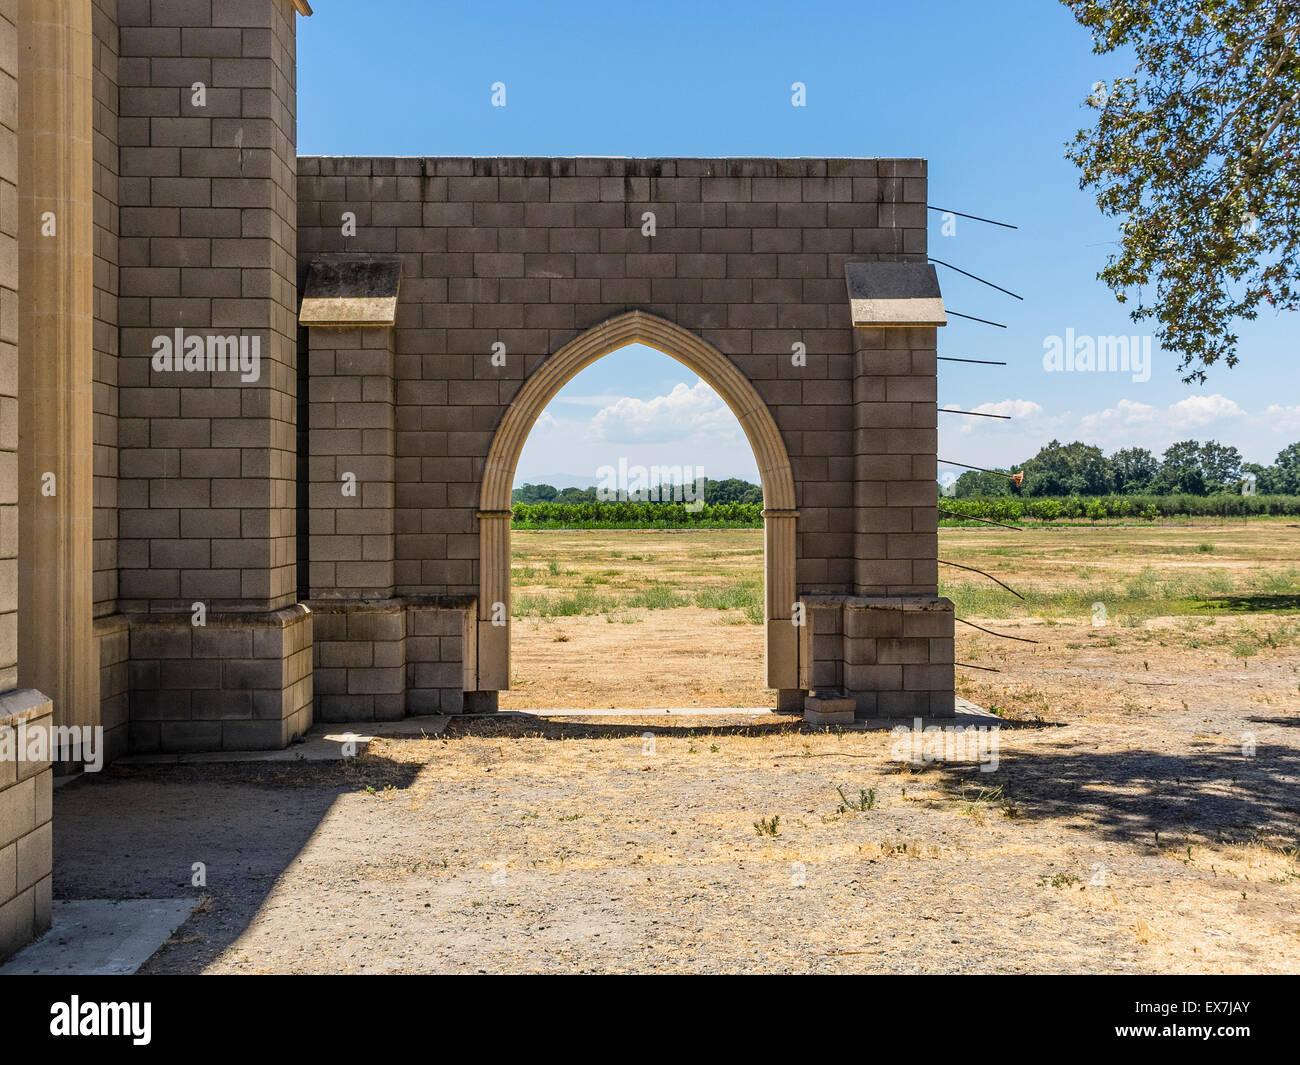 La Maison Du Bois Clairvaux ovila stock photos & ovila stock images - alamy